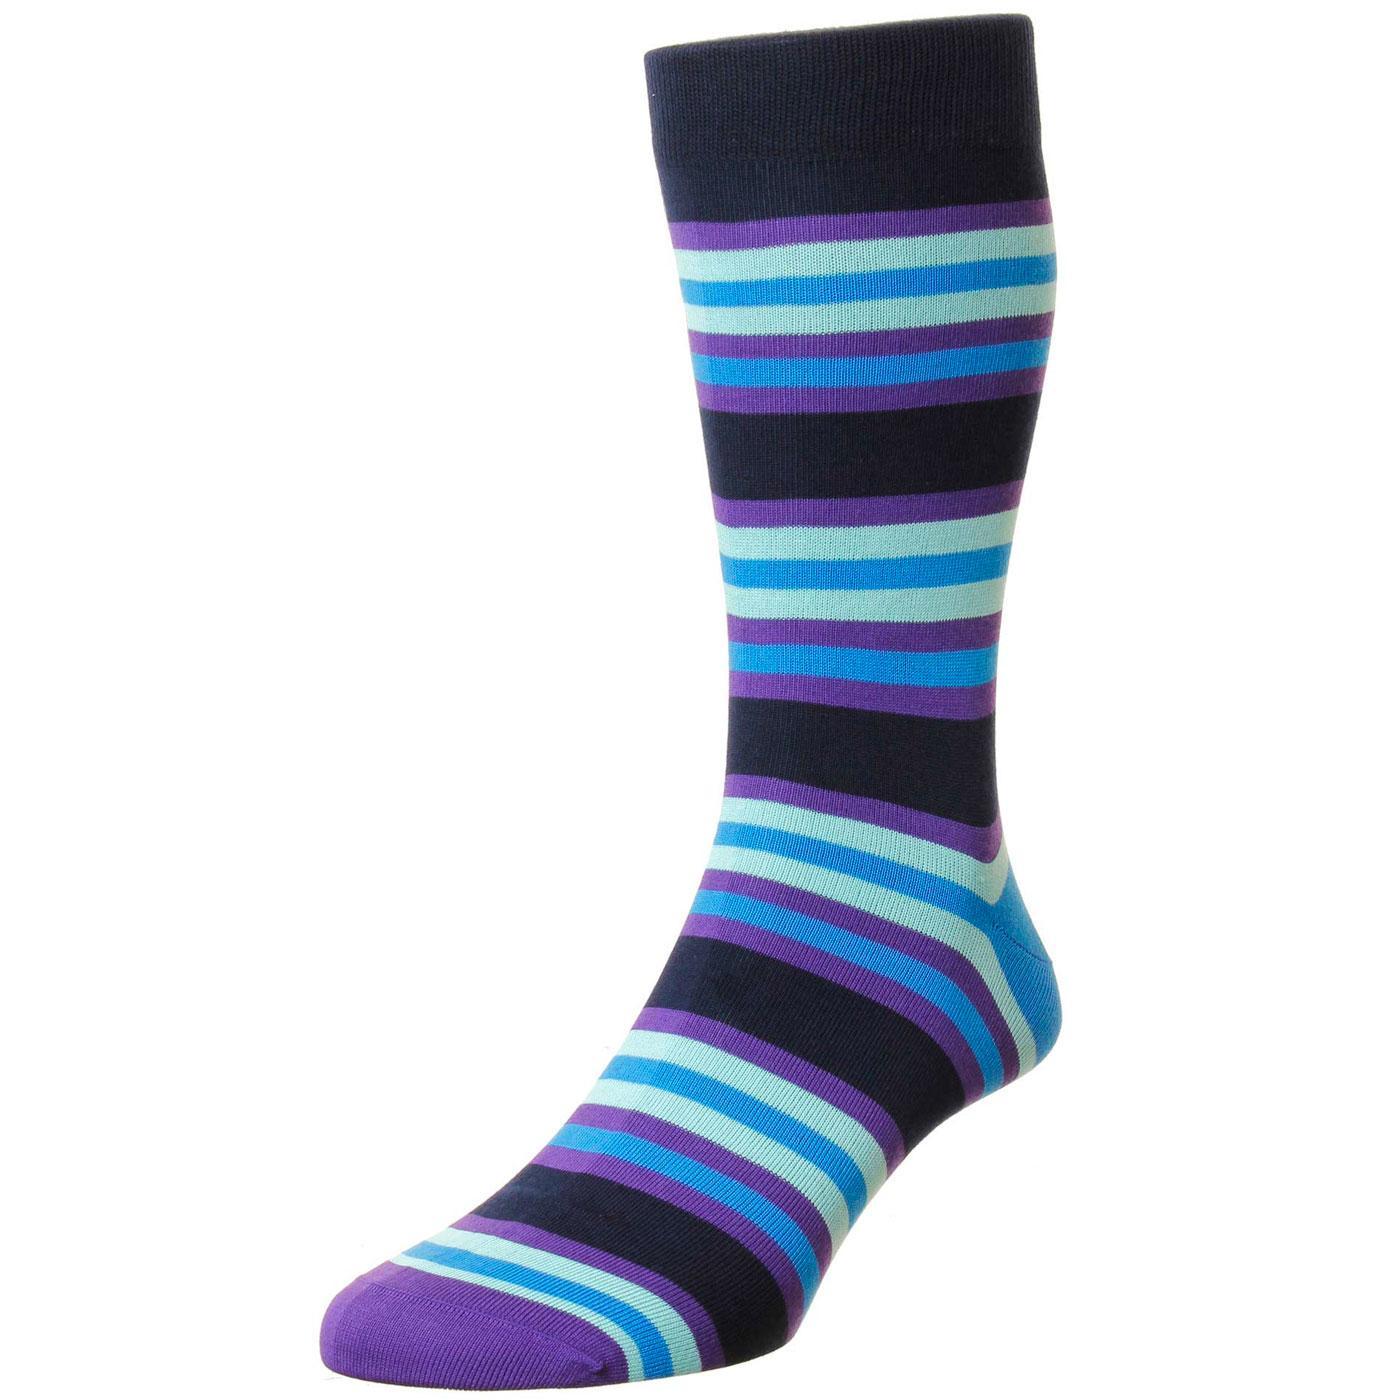 + Shibuya PANTHERELLA Retro Mod Stripe Socks NAVY